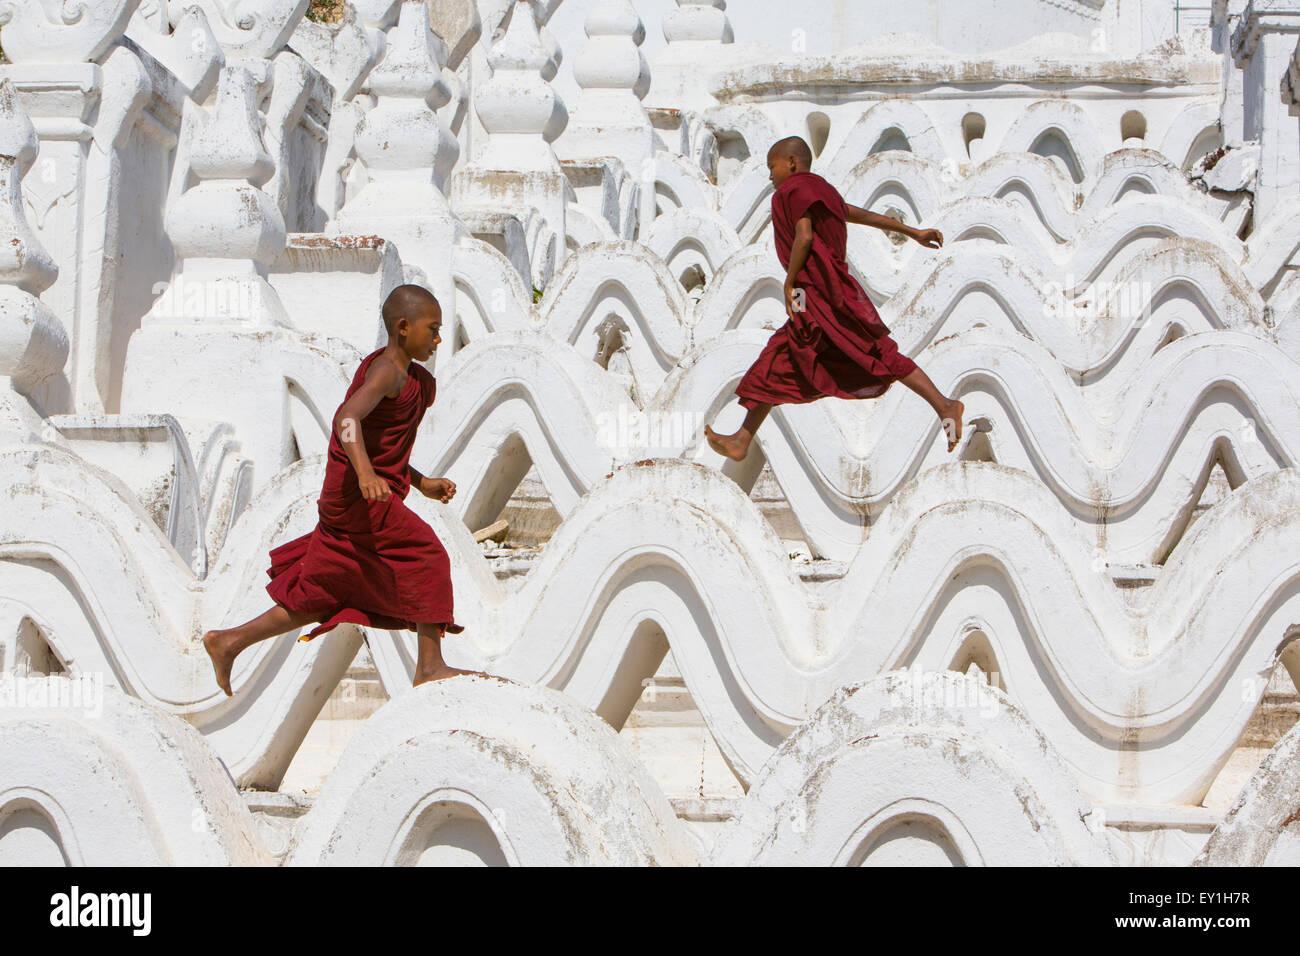 Los monjes novicios túnicas rojas saltando olas en Hsinbyume Paya templo, Mandalay, Myanmar Foto de stock